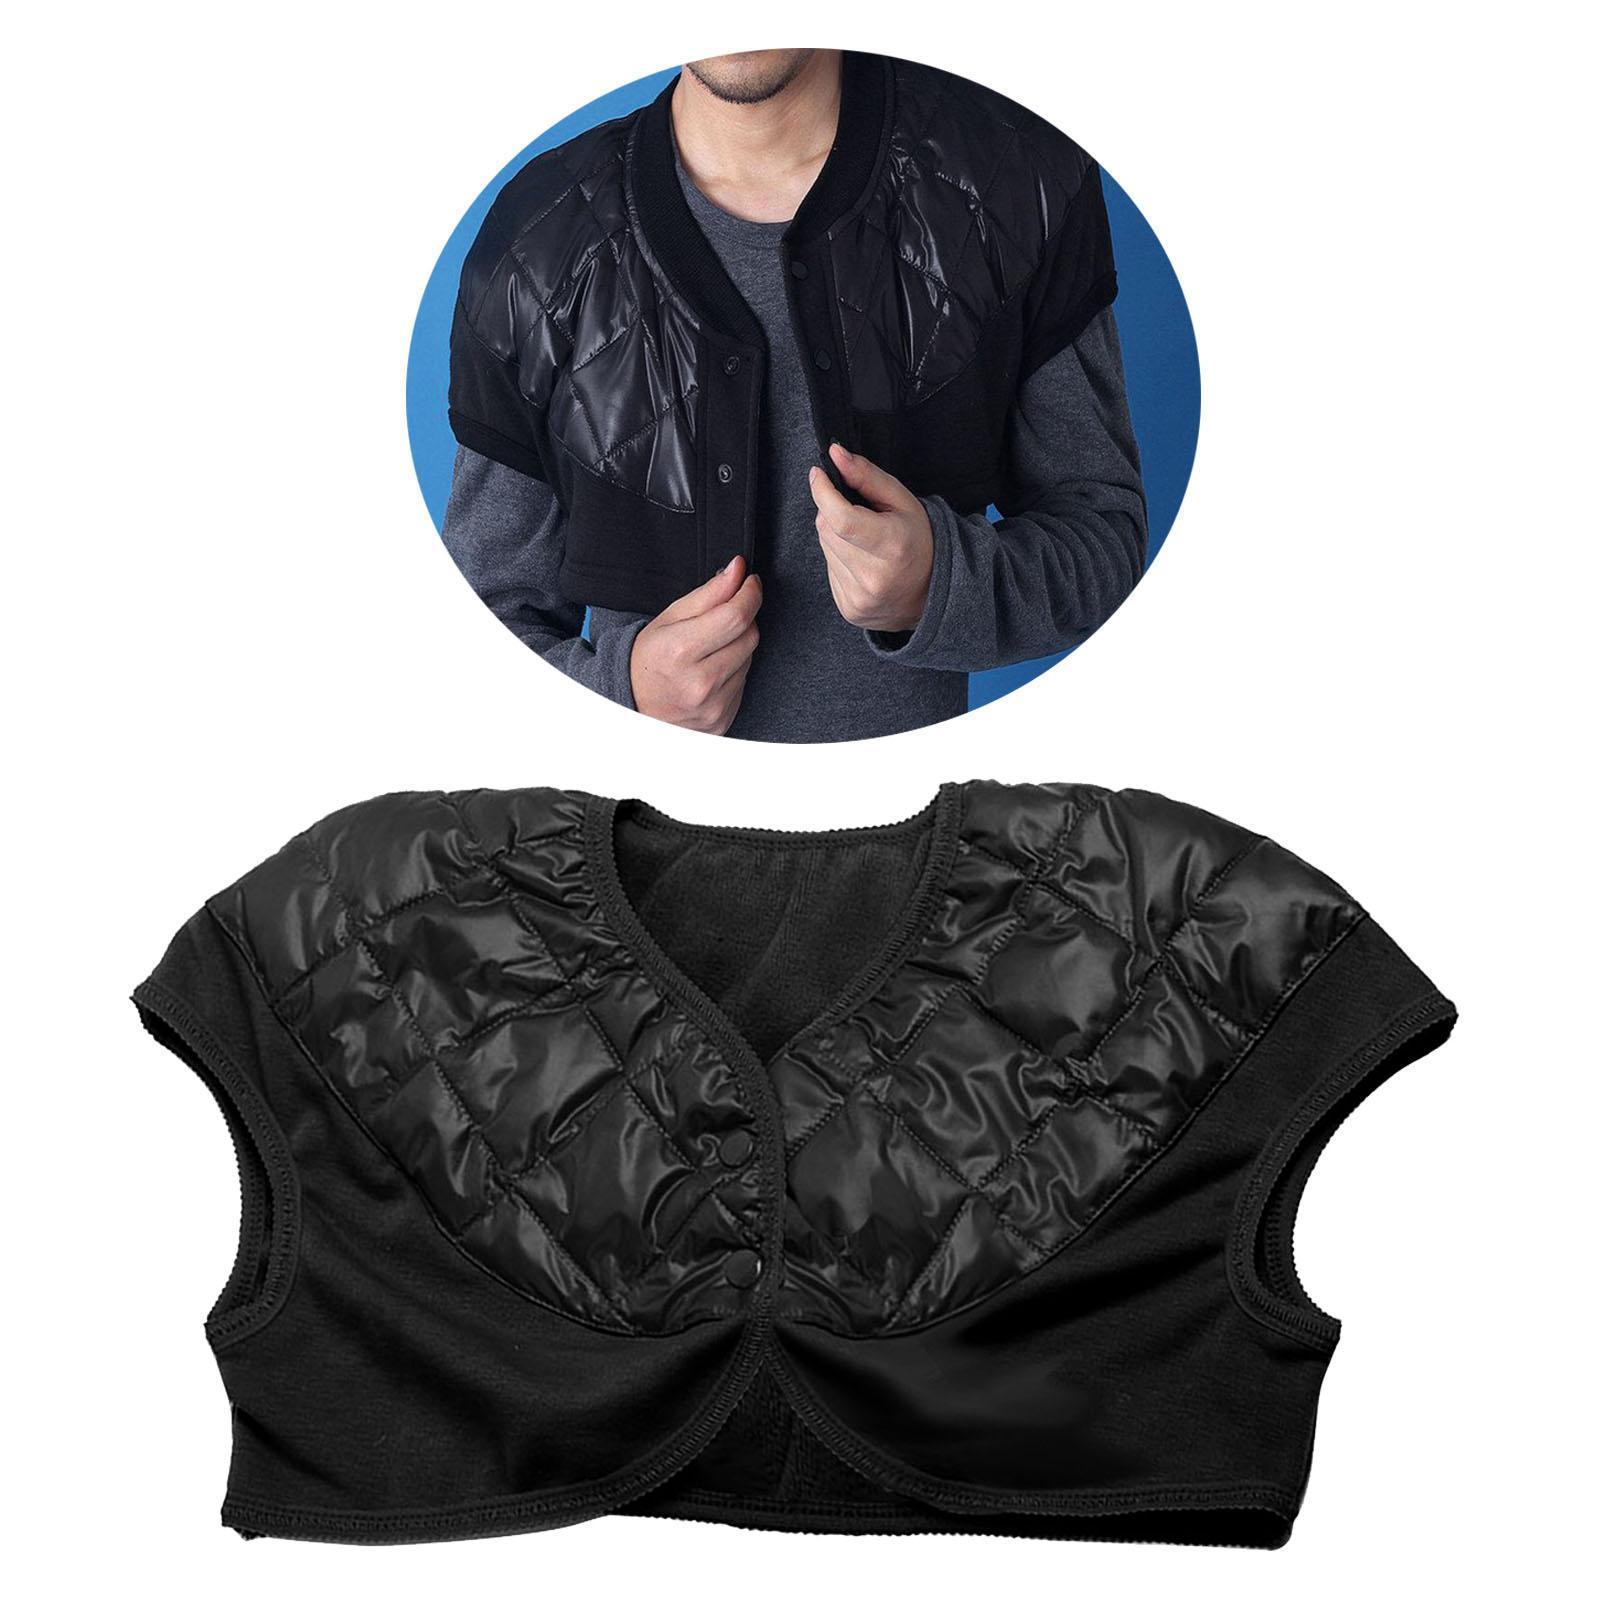 Femmes-Hommes-Down-Jacket-Chaud-Manteau-Court-Epaule-Chaud-Thermique-Wrap miniatura 85